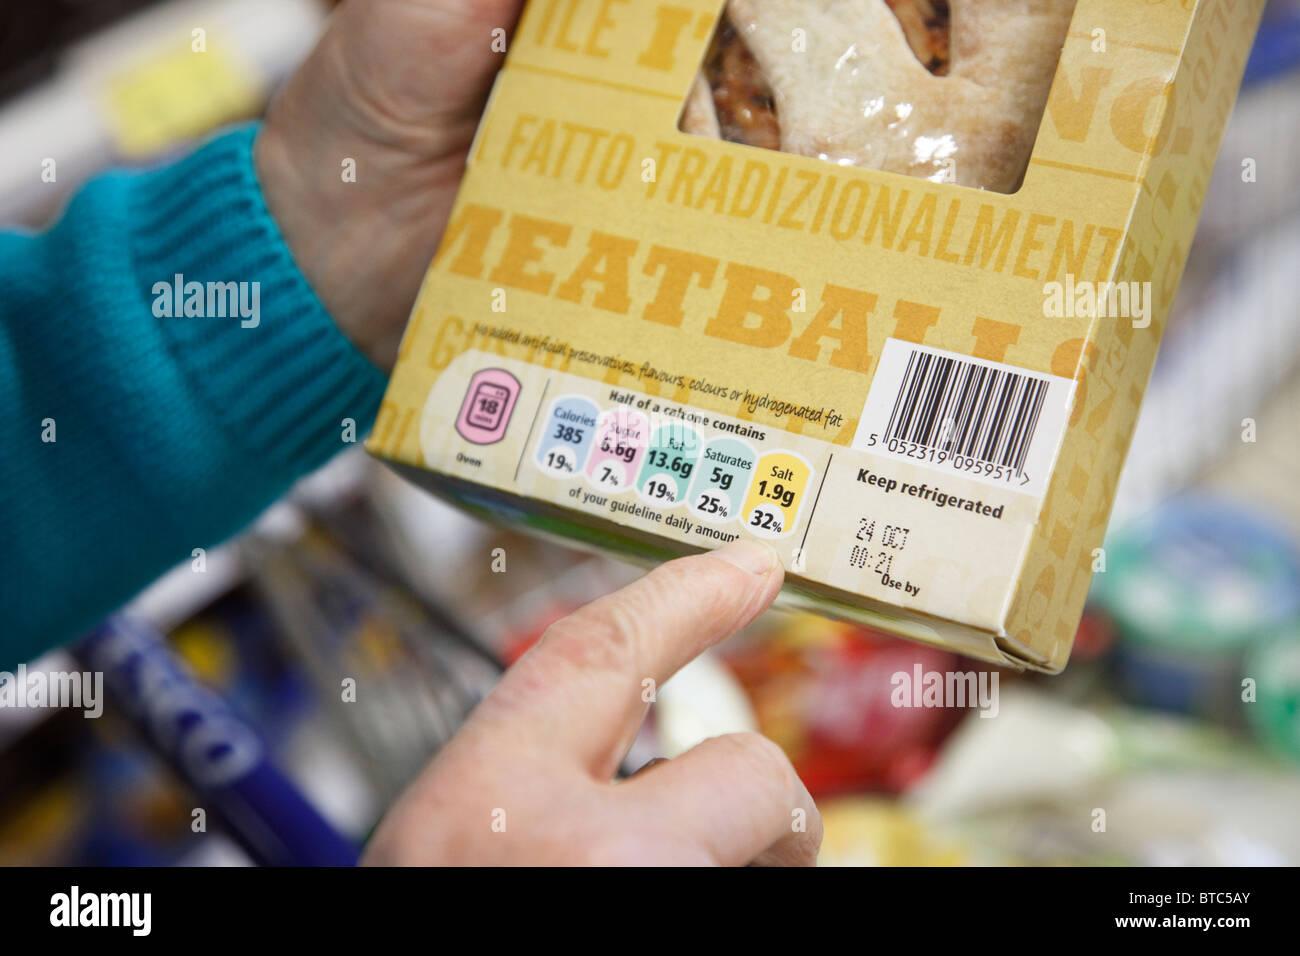 Reino Unido, en Europa. Mujer mayor control de las etiquetas de la comida para el contenido de sal en un Calzone Imagen De Stock